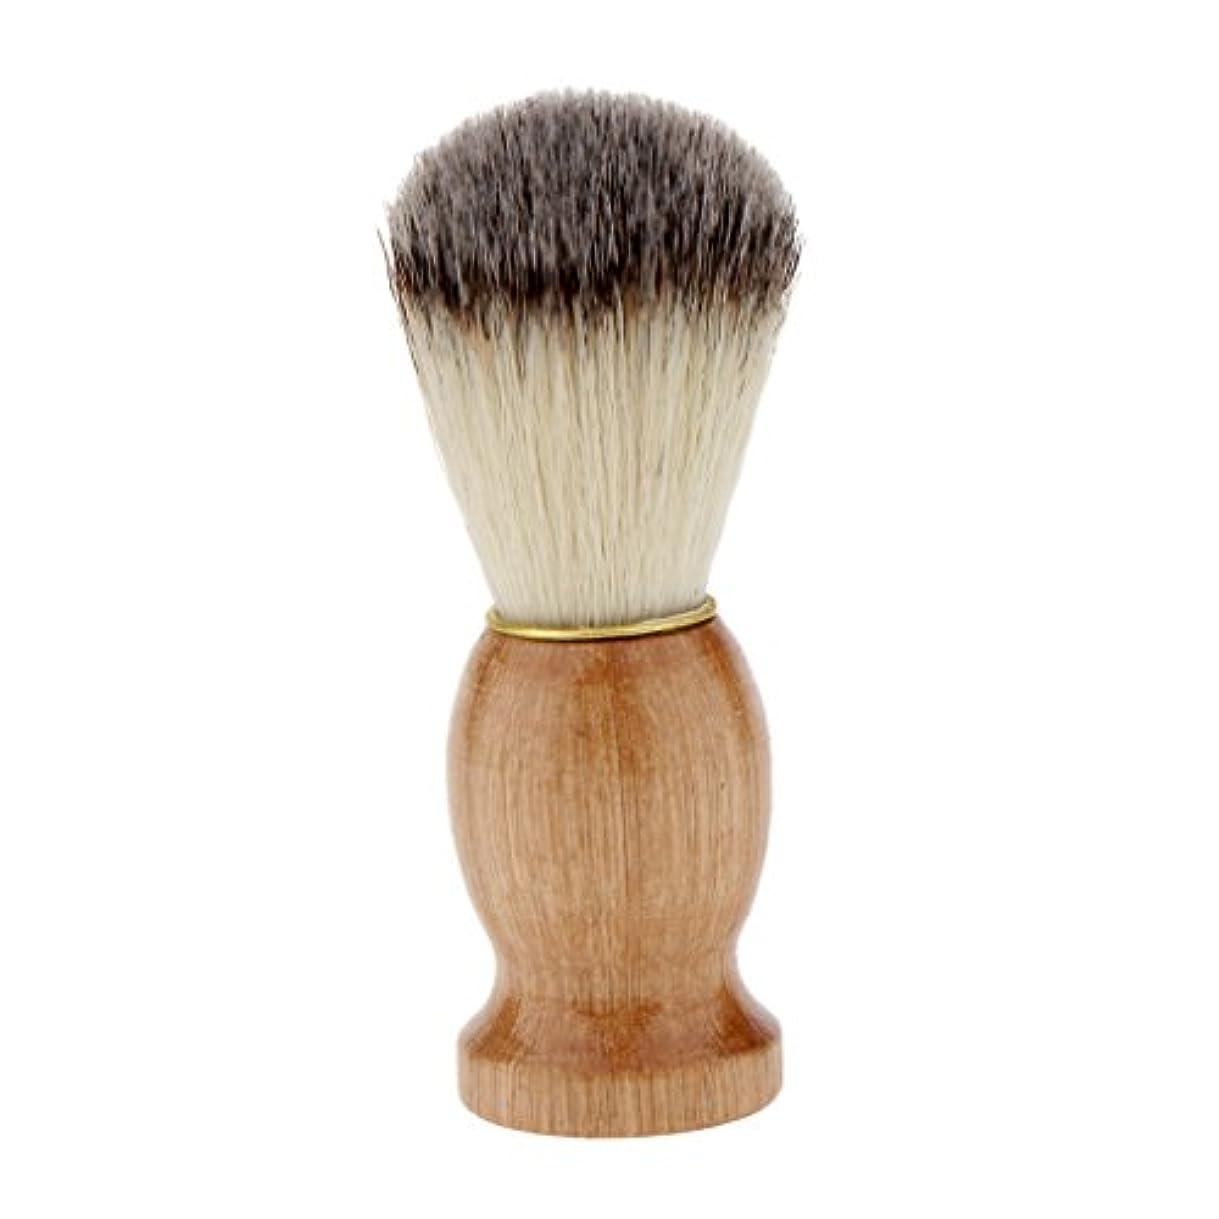 マサッチョ周術期ヘルシーシェービングブラシ コスメブラシ 木製ハンドル メンズ ひげ剃りブラシ クレンジング